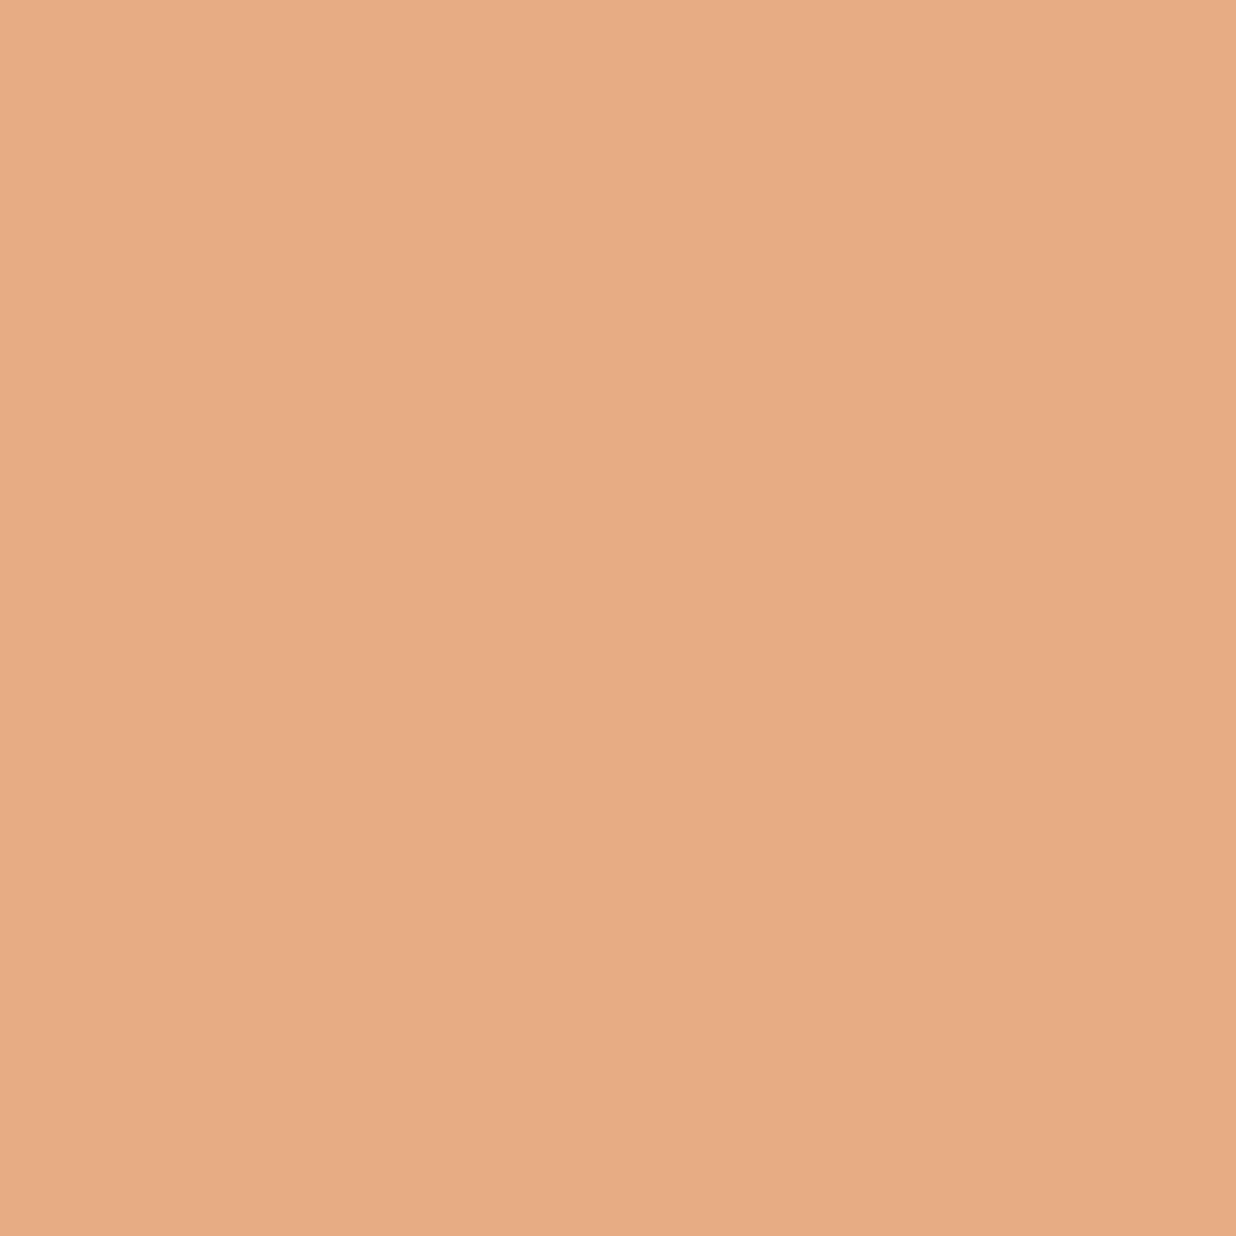 漏れリーン除去SANMIMORE(サンミモレ化粧品) UVパクト 56号ライトピンク (レフィル 替パフ付)